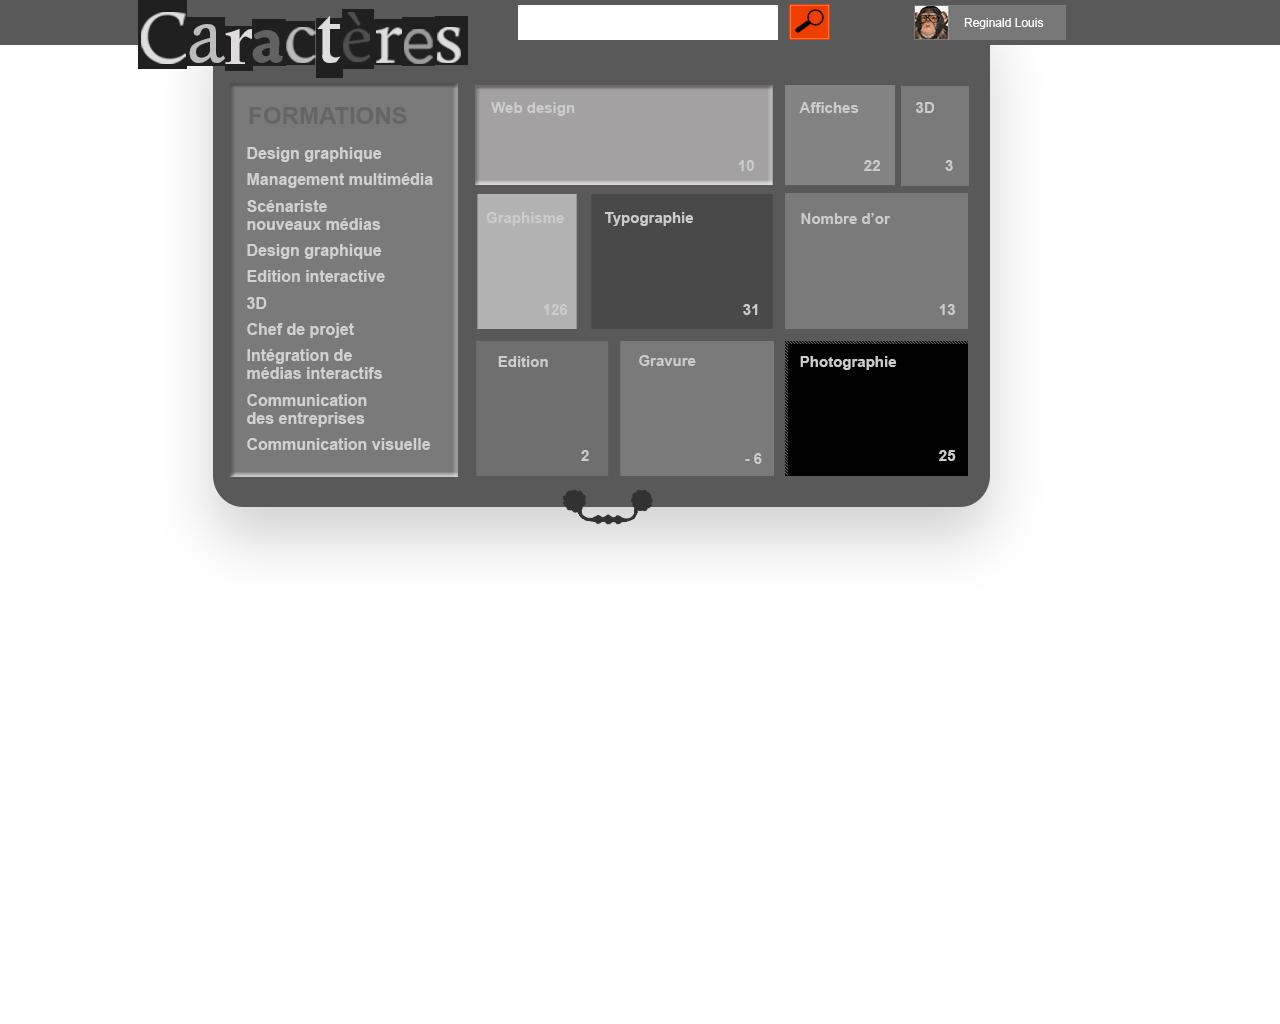 """tiroir avec le menu """"Caractère(s)"""" : activité dans le cours d'ergonomie """"la fonderie de l'image"""""""